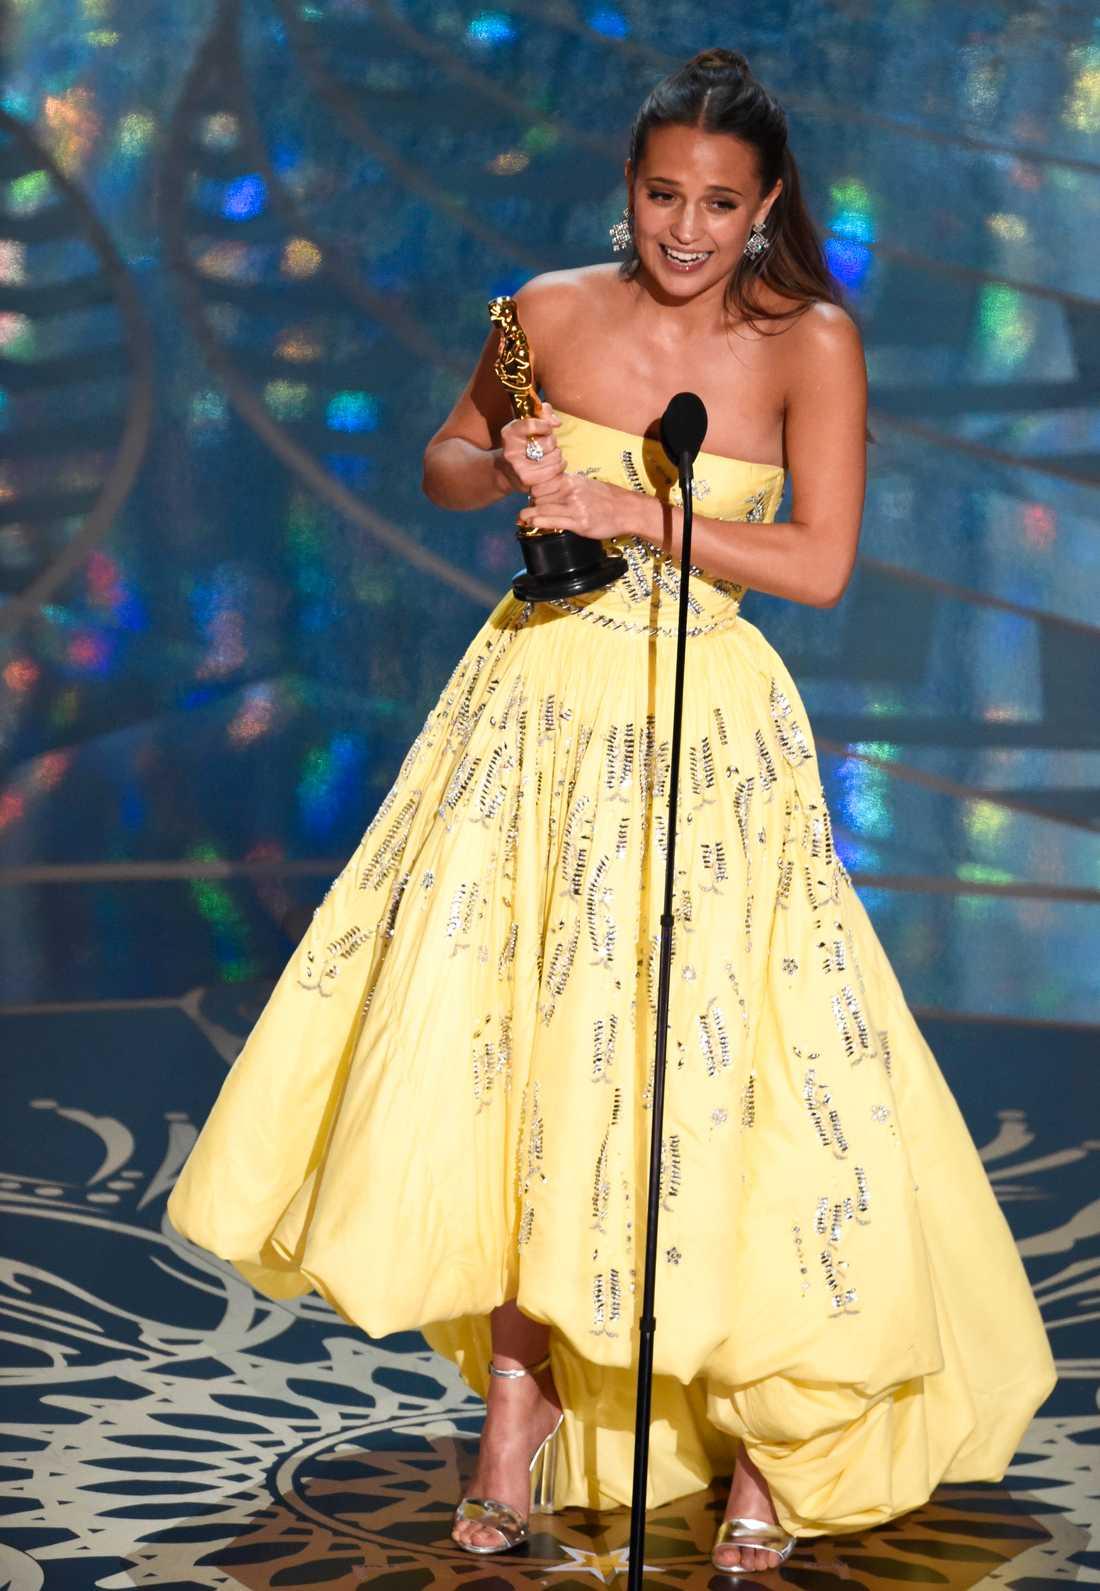 Förra året kammade Alicia Vikander hem priset för Bästa kvinnligs biroll.